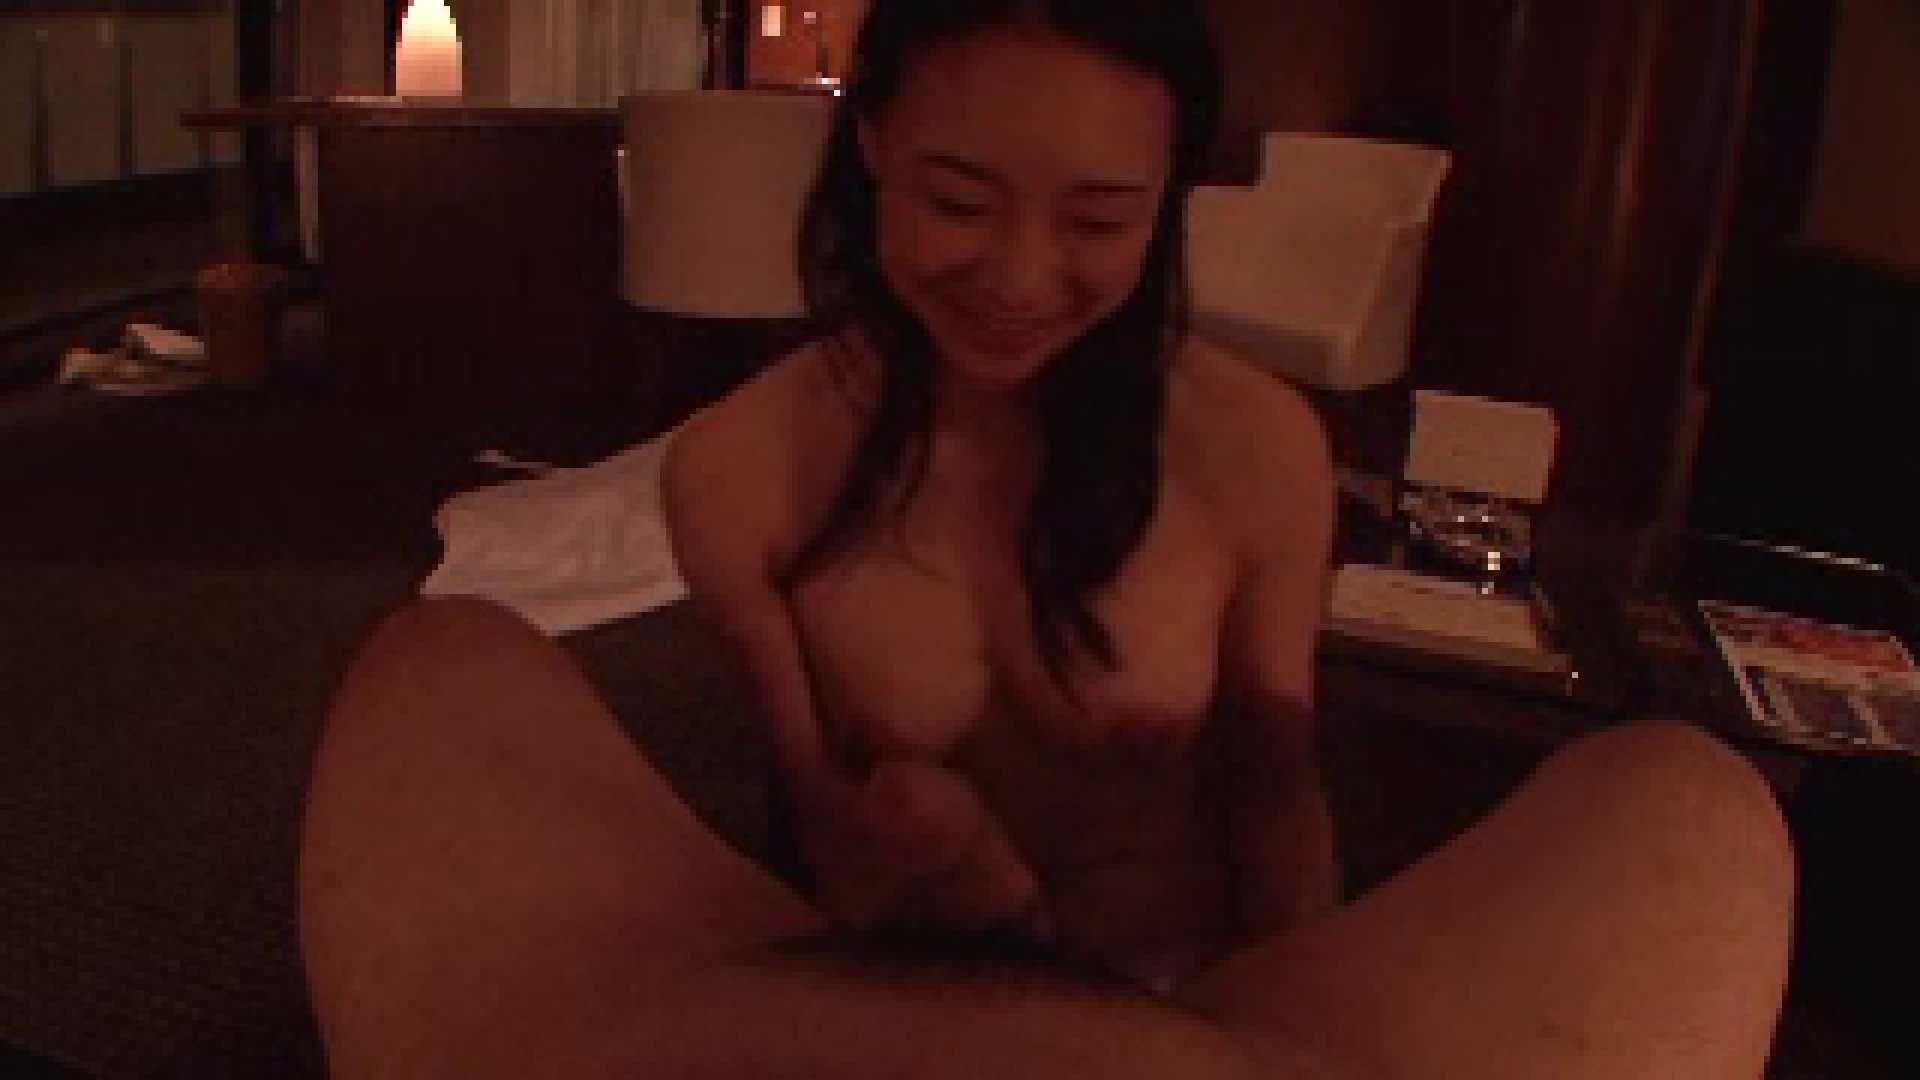 親友同士で競演 超美形のSEXパーティ Vol.04 エッチなOL   SEX映像  85pic 49